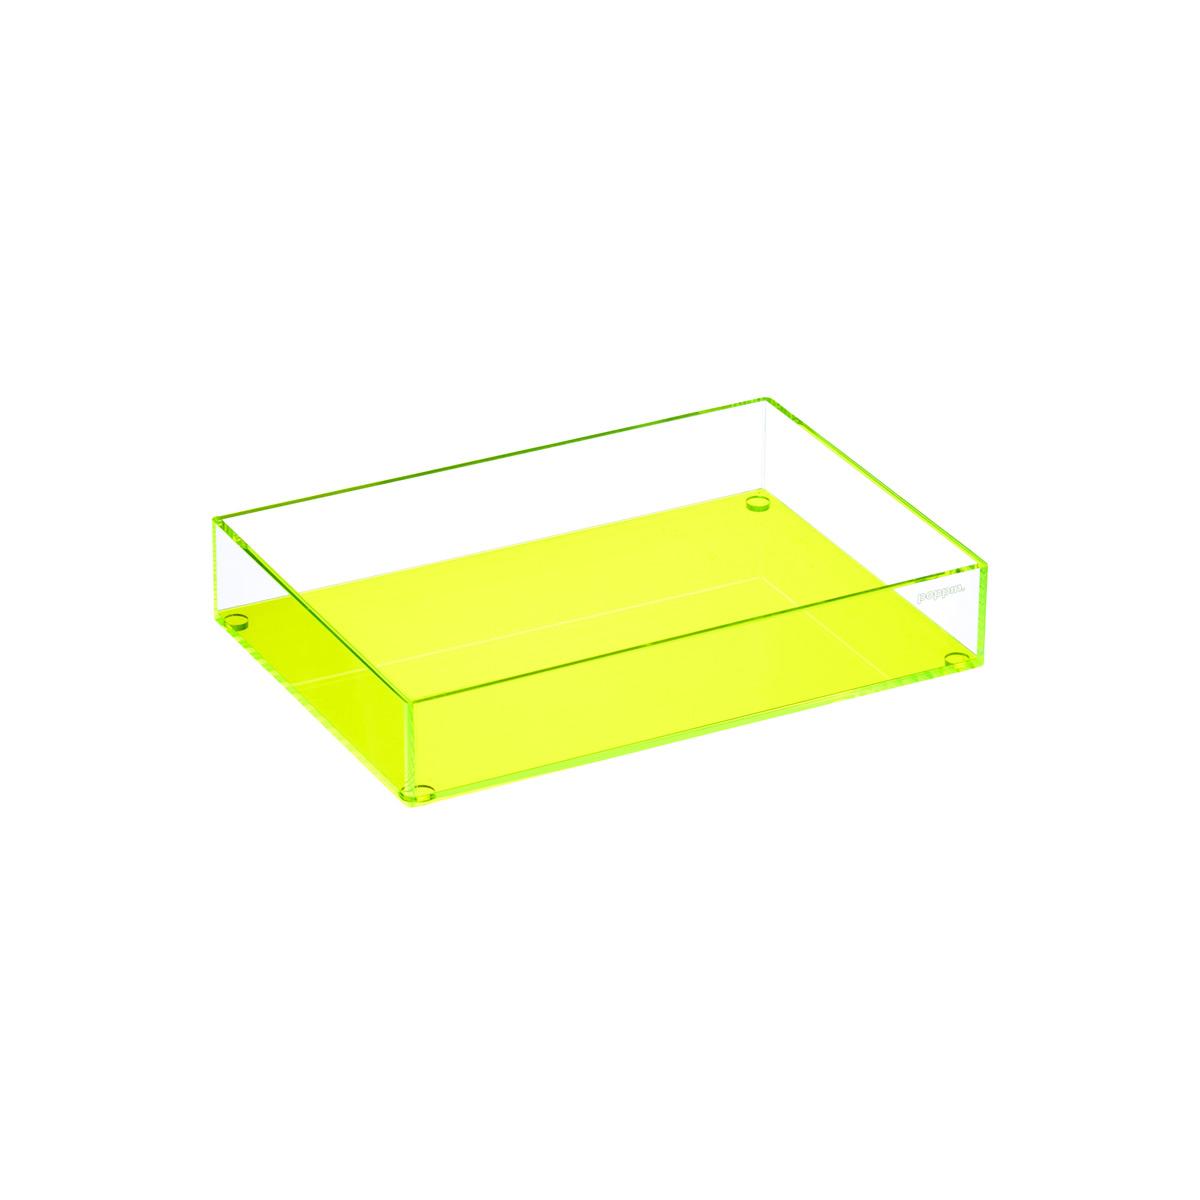 Acrylic Medium Accessory Tray